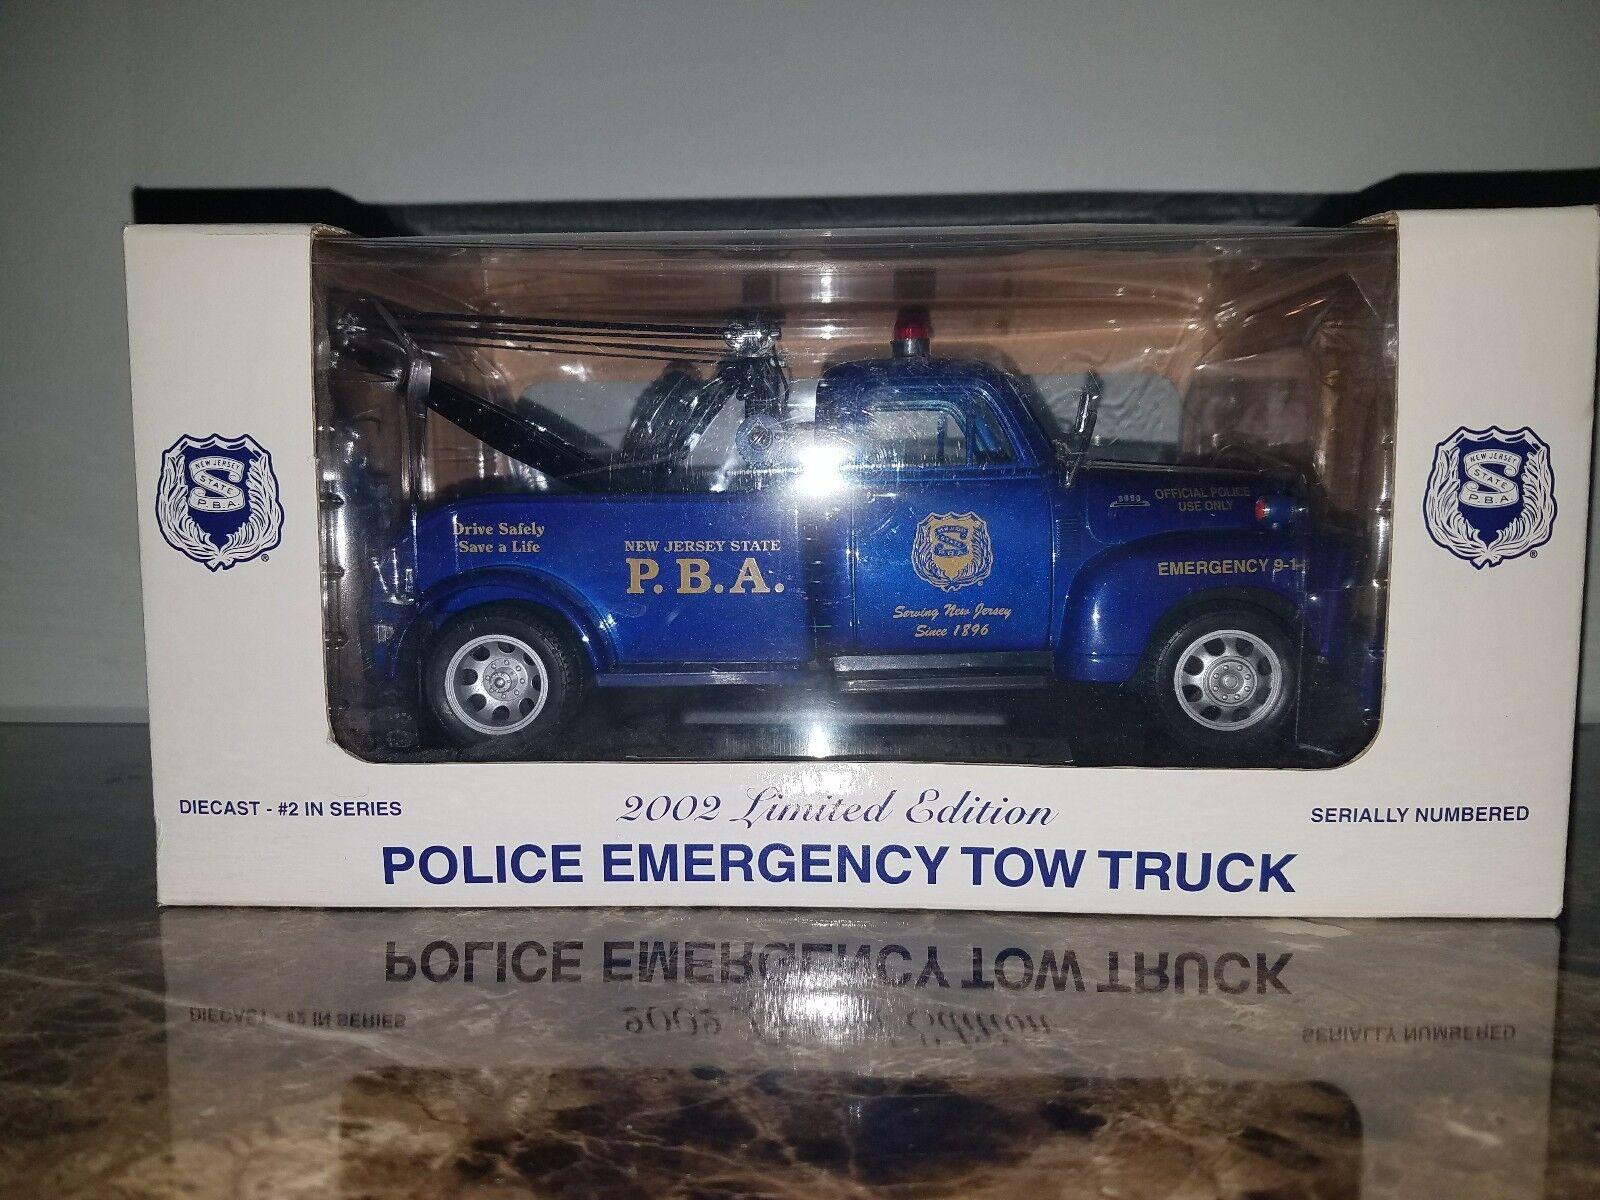 N.j.s.p.b.a. 2002 Edición Edición Edición Limitada Policía De Emergencia Tow Truck-Escala 1 24 -  nuevo  fbeab2